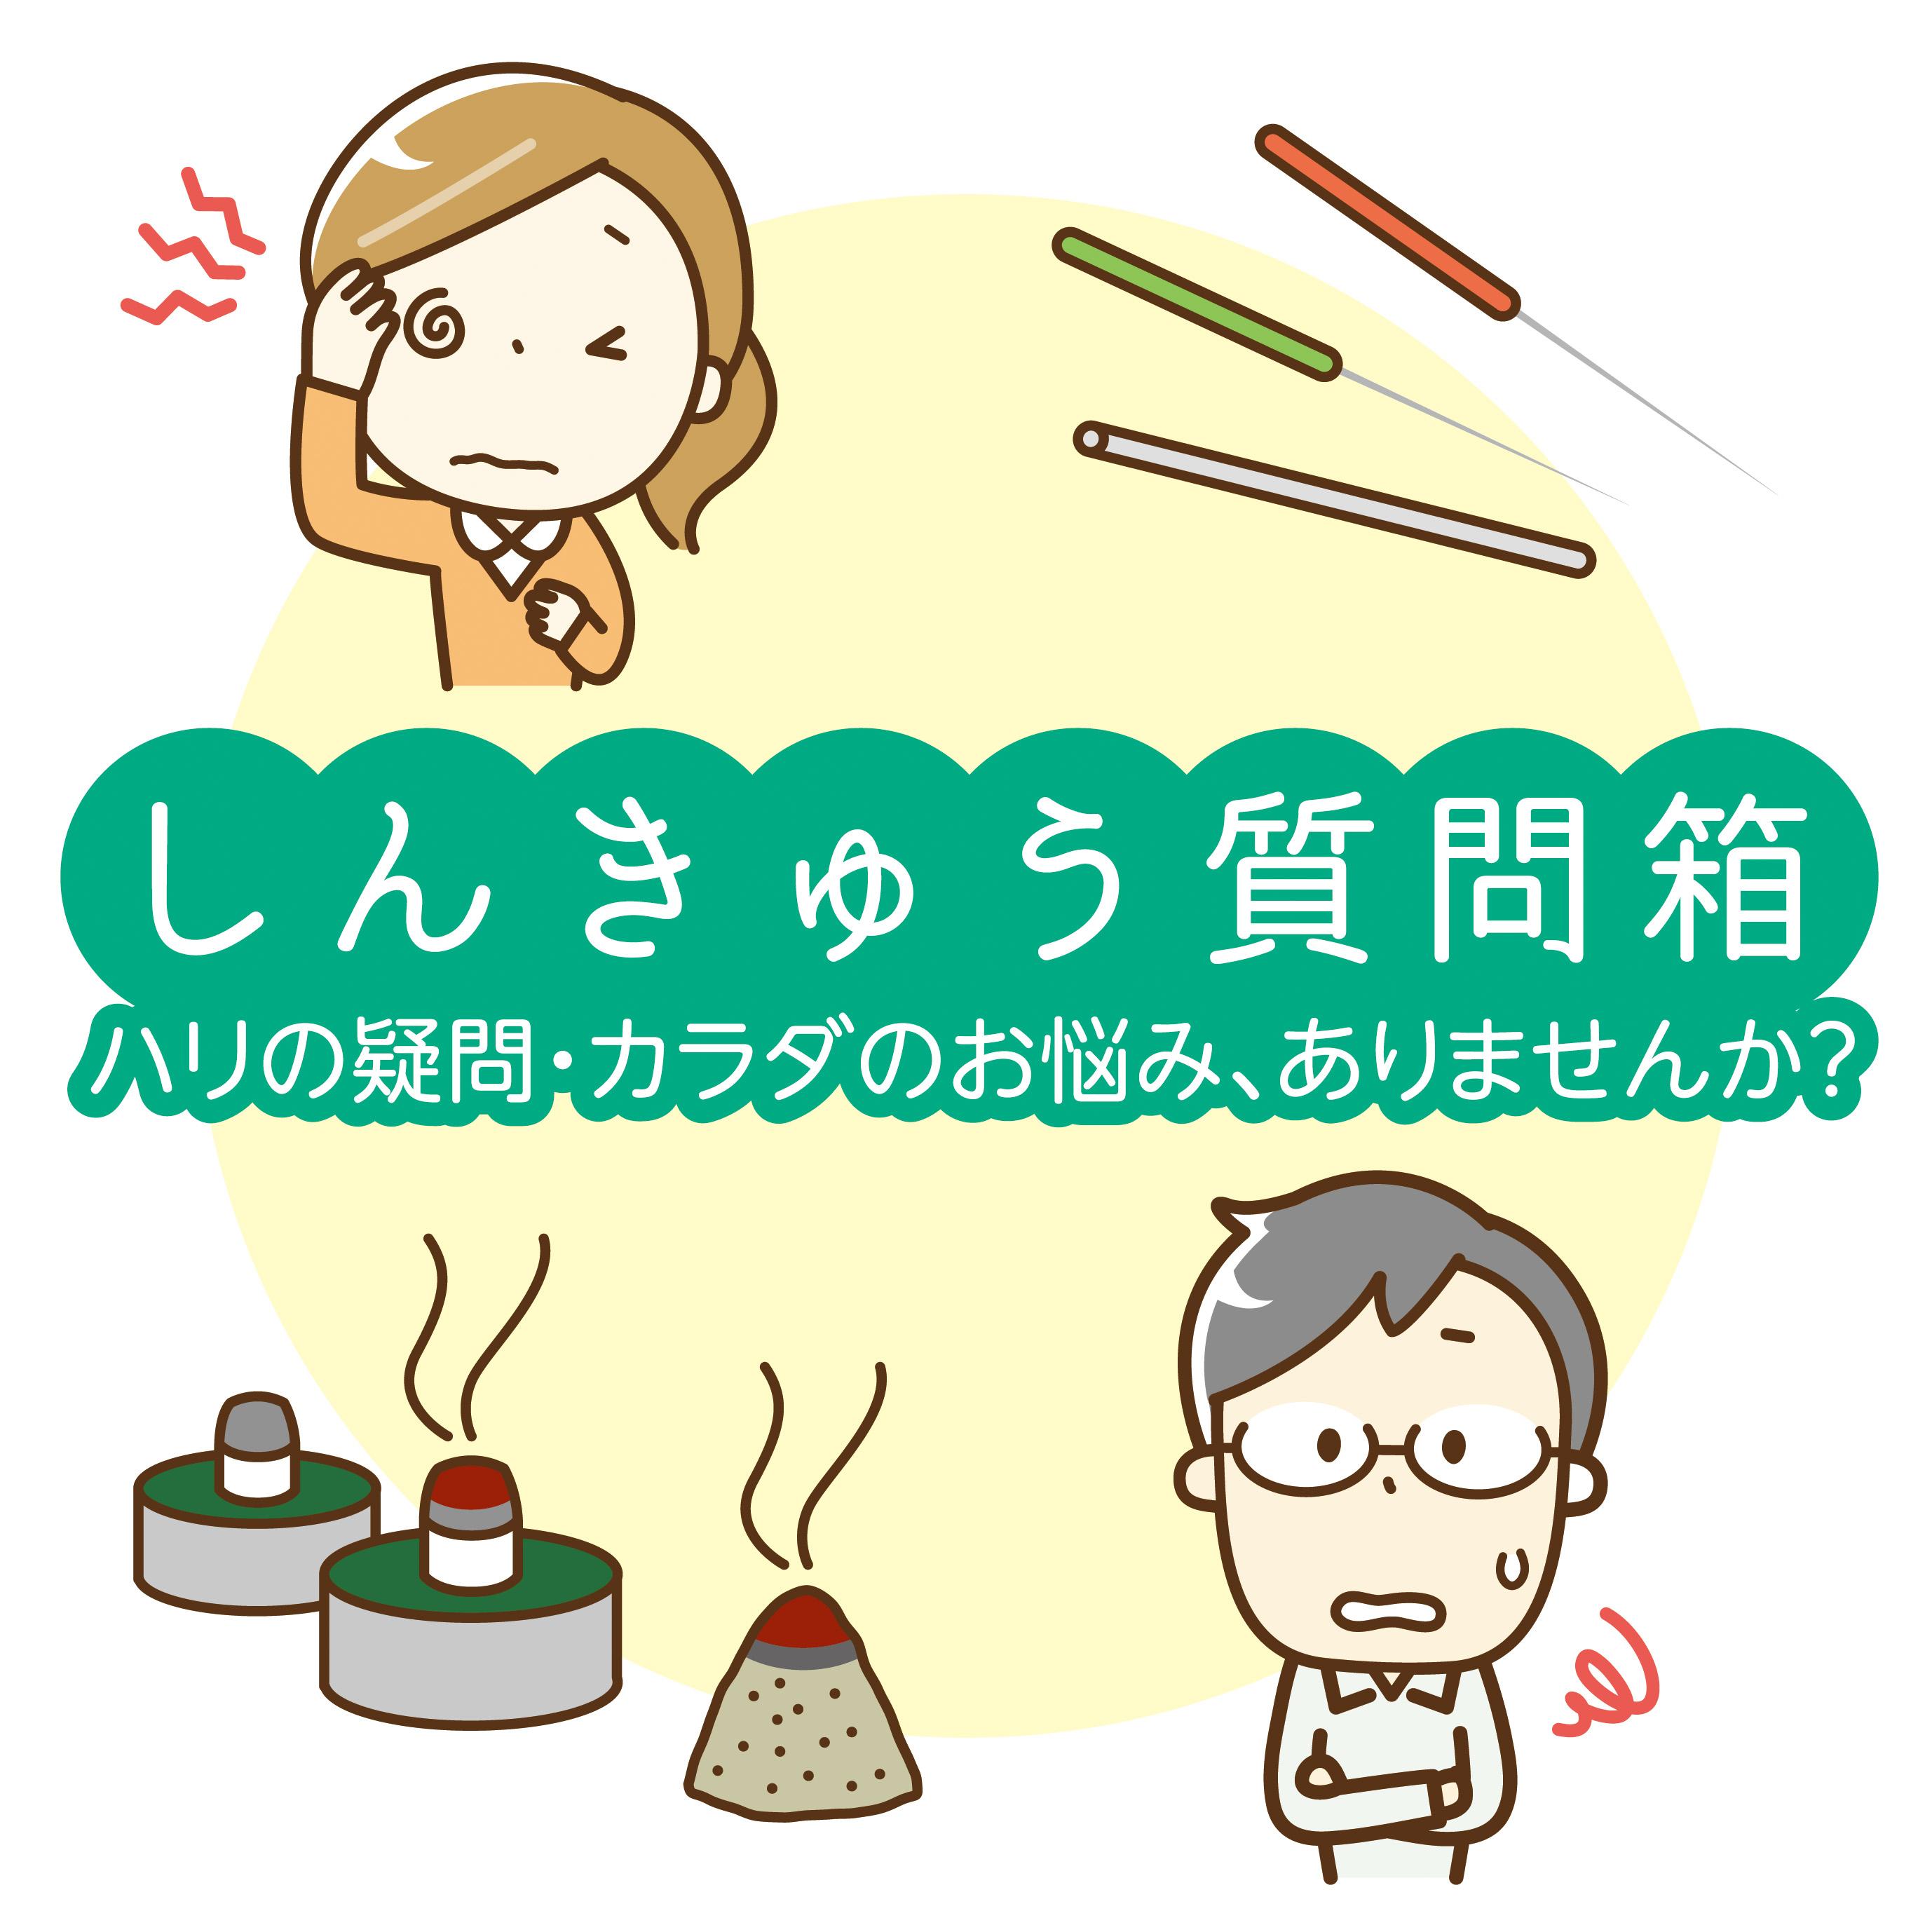 しんきゅう質問箱,広島県呉市の鍼灸院、整体院、悠心堂